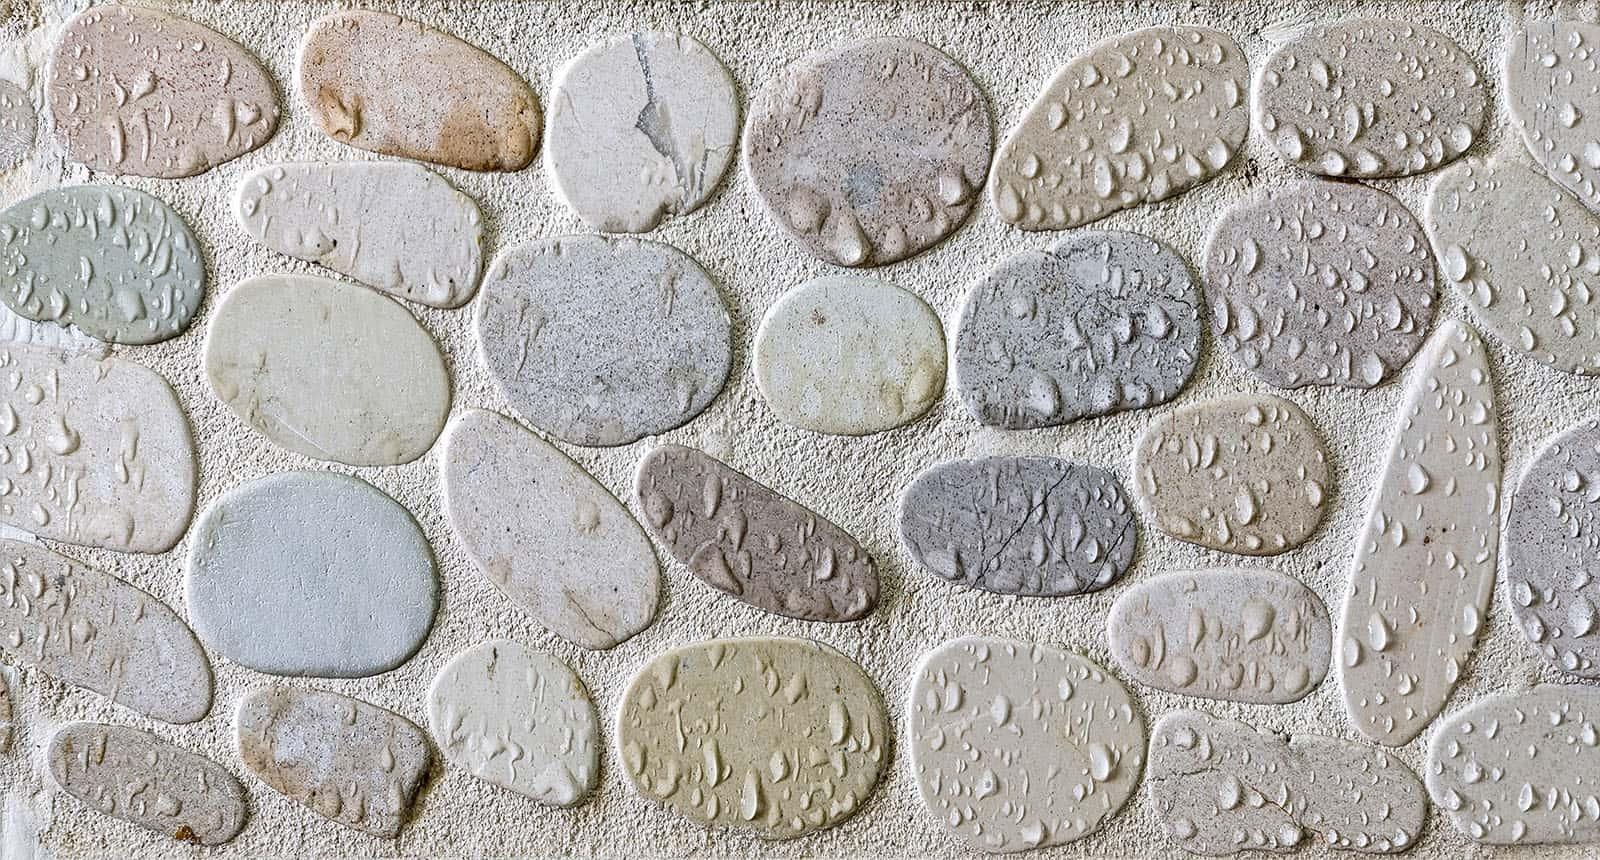 Wet Pebbles Mosaic Tiles